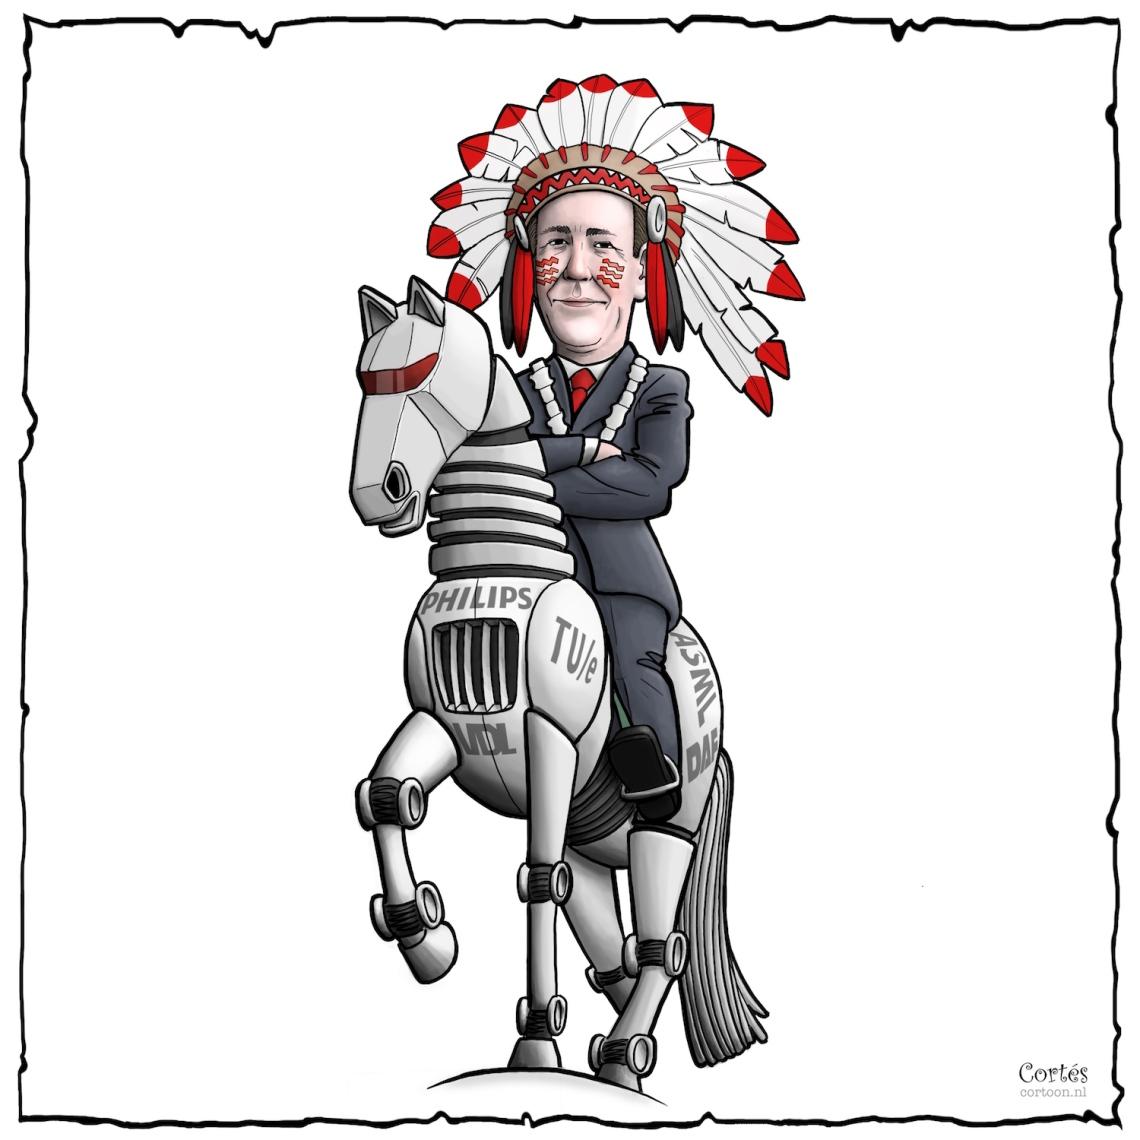 chief-gijzel-2-1500x1500